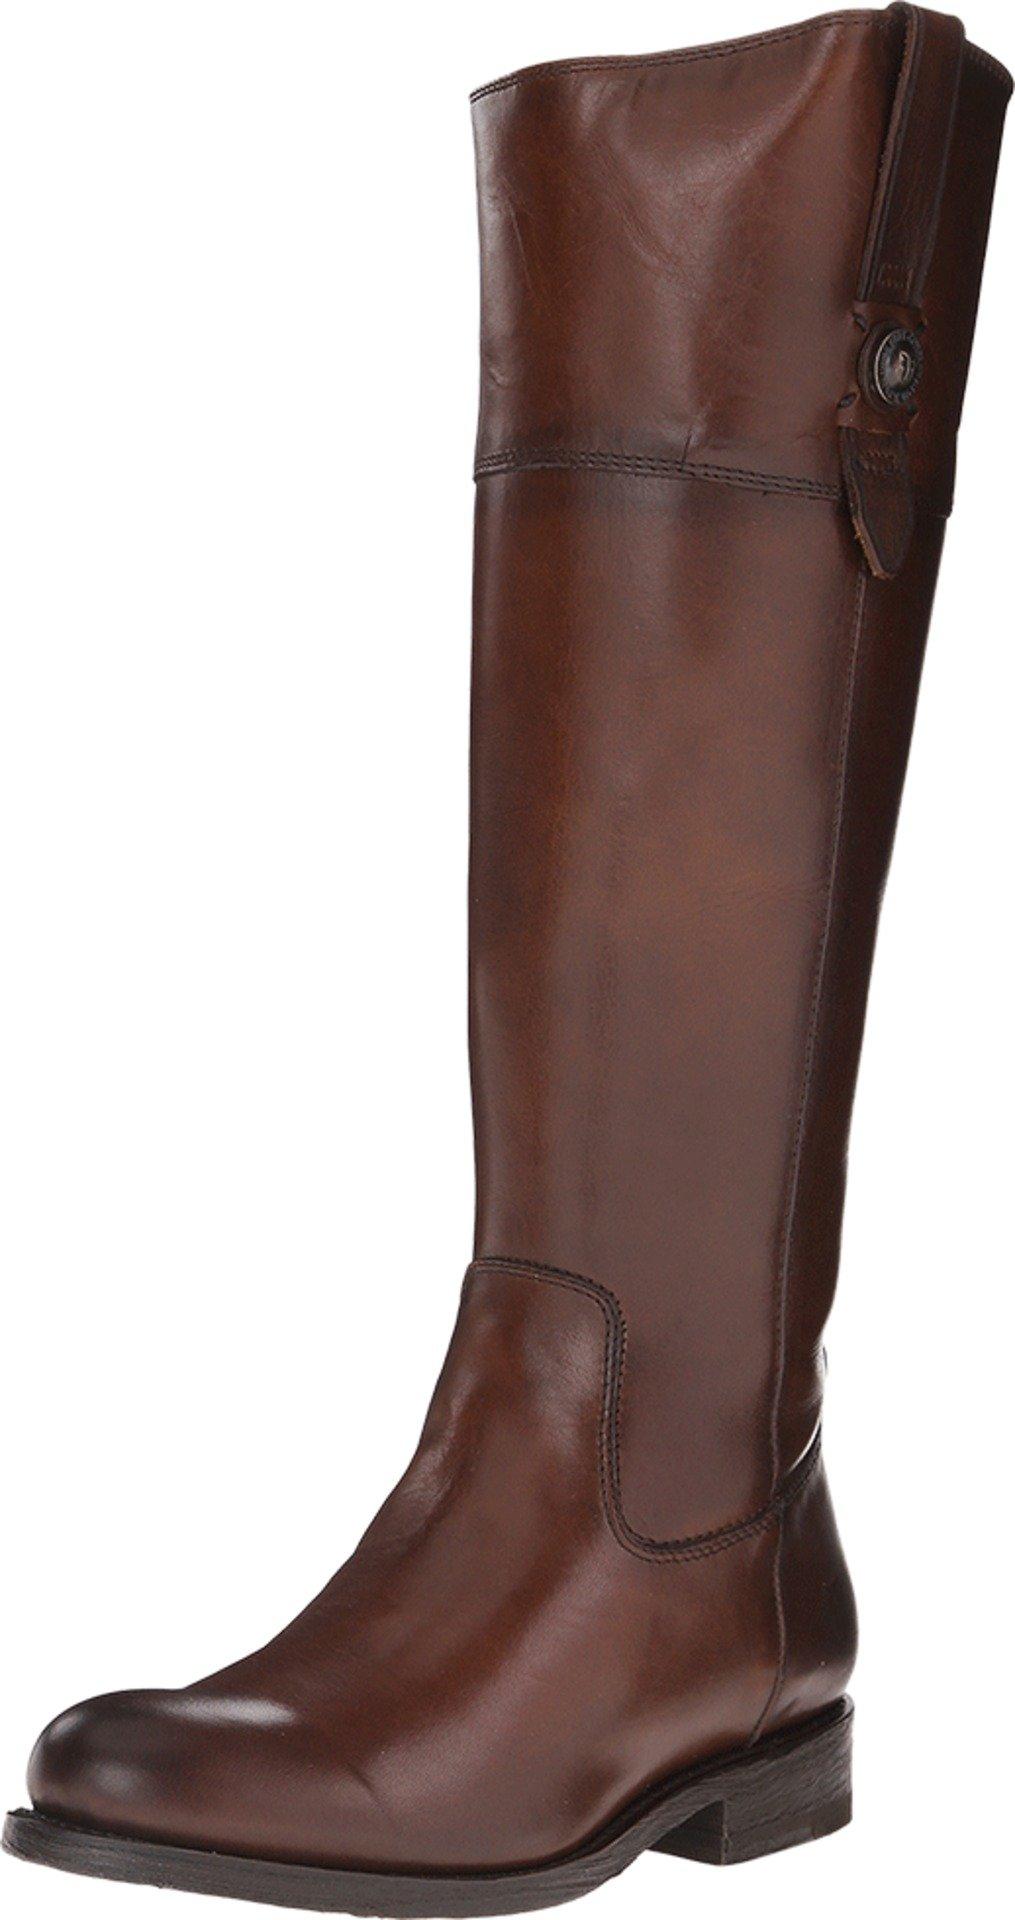 FRYE Women's Jayden Button Tall-SMVLE Riding Boot, Redwood, 10 M US